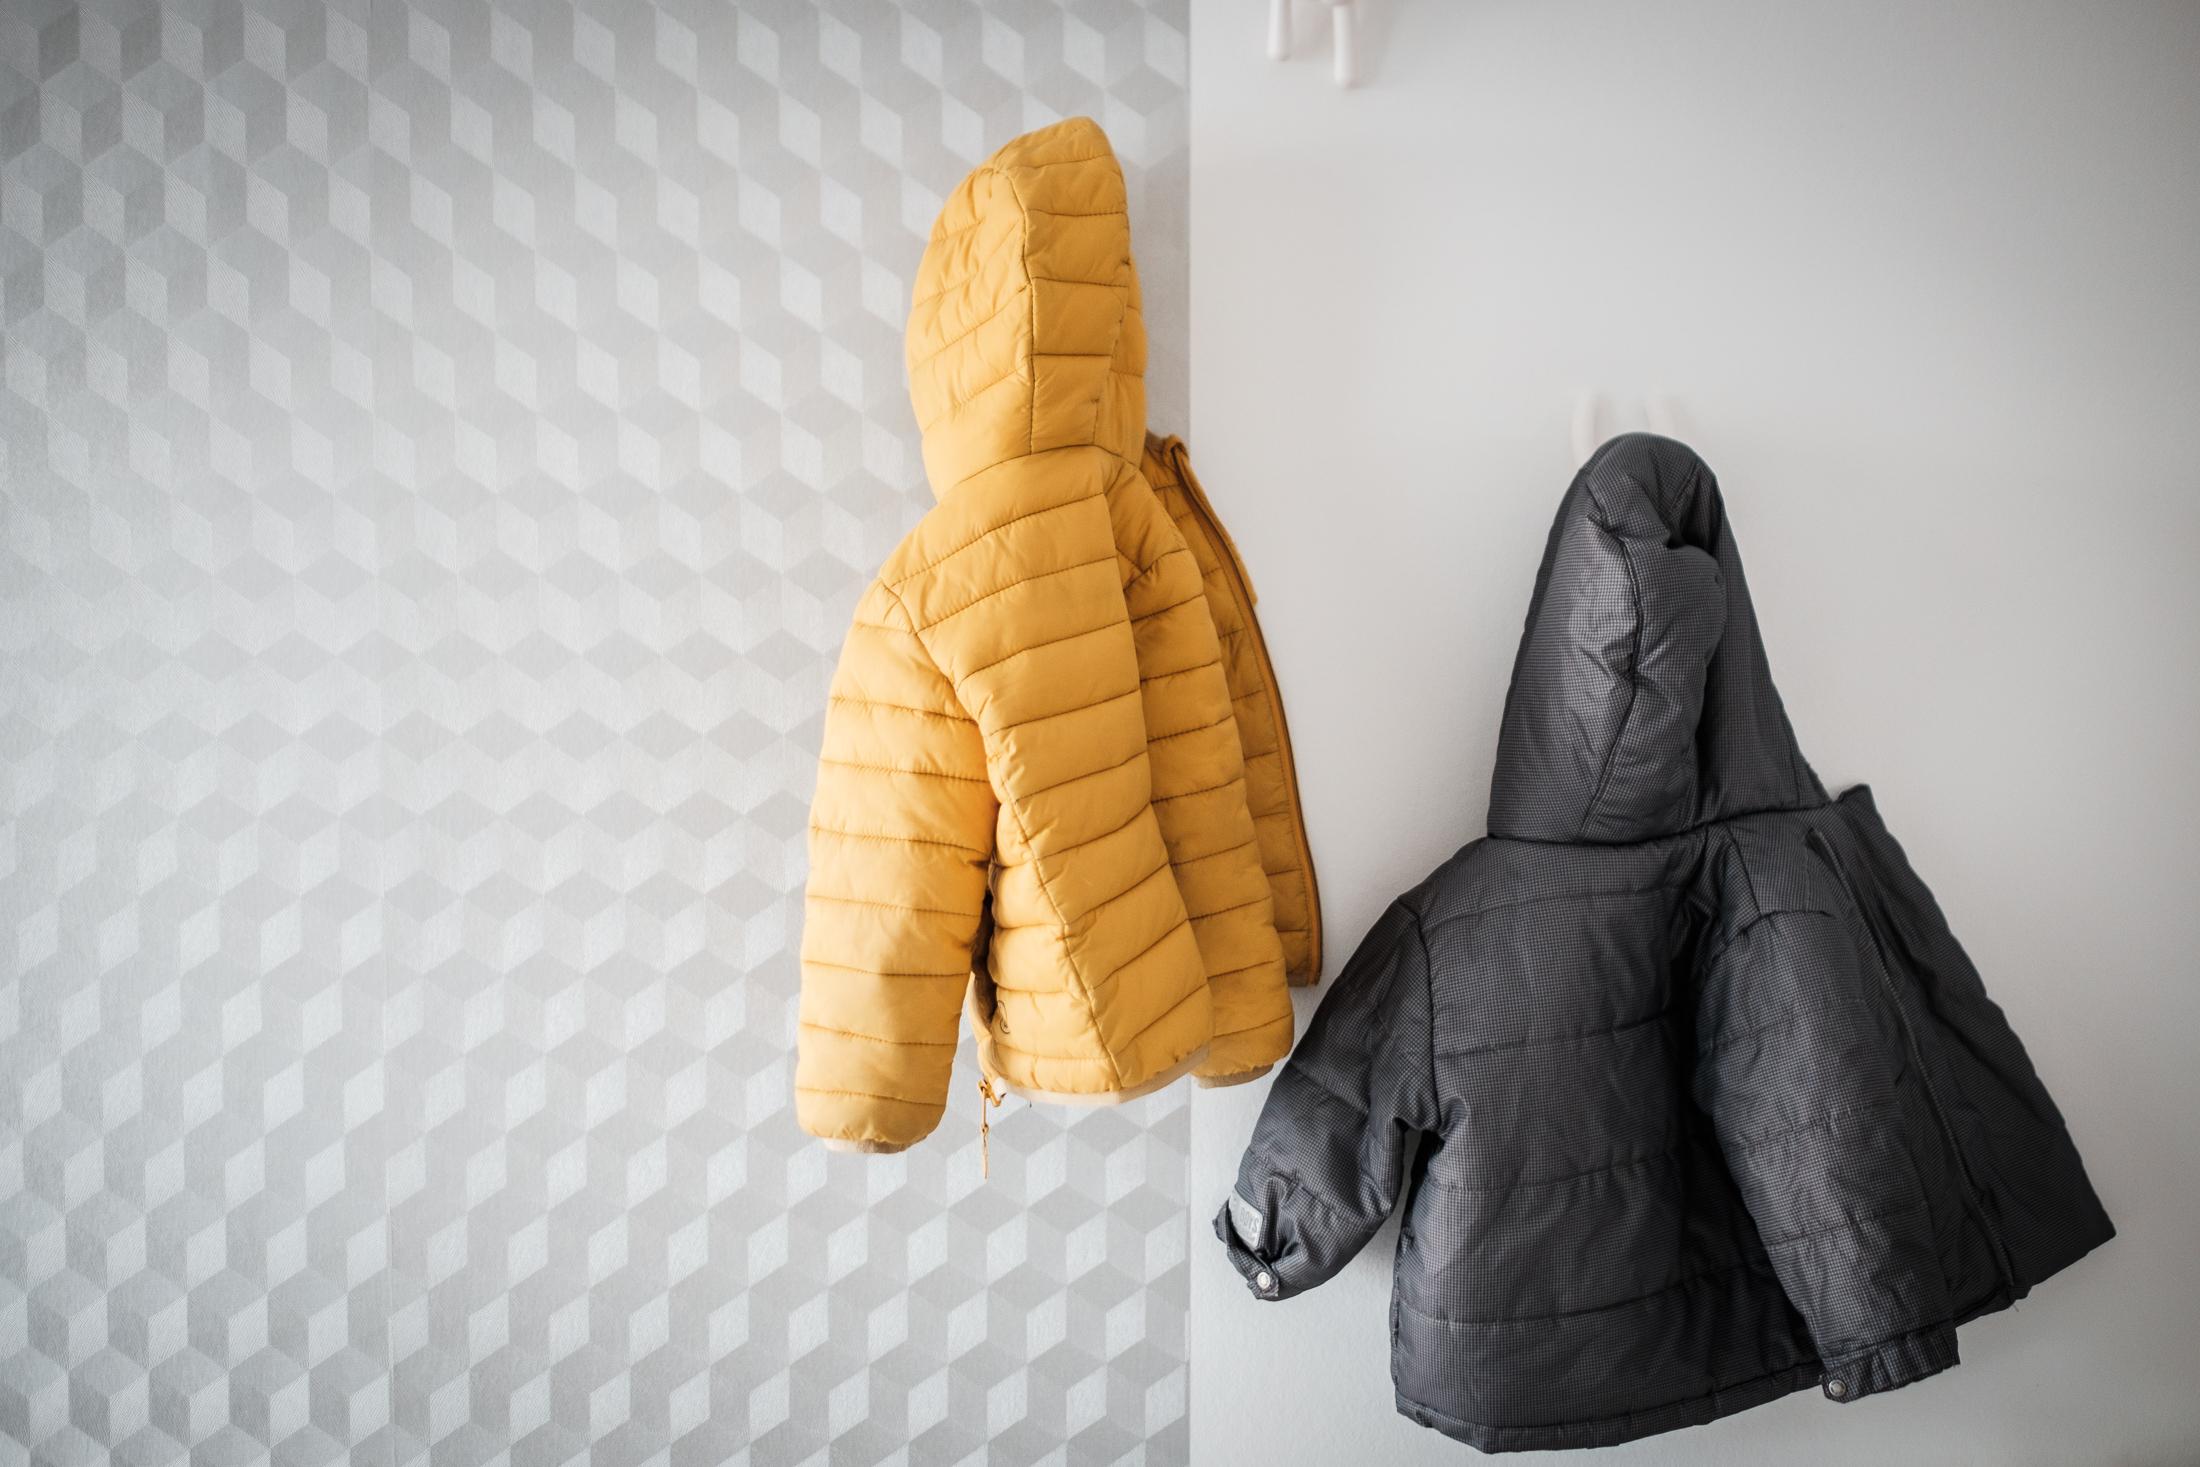 prestations photographe famille nature morte manteaux d'enfants accrochés